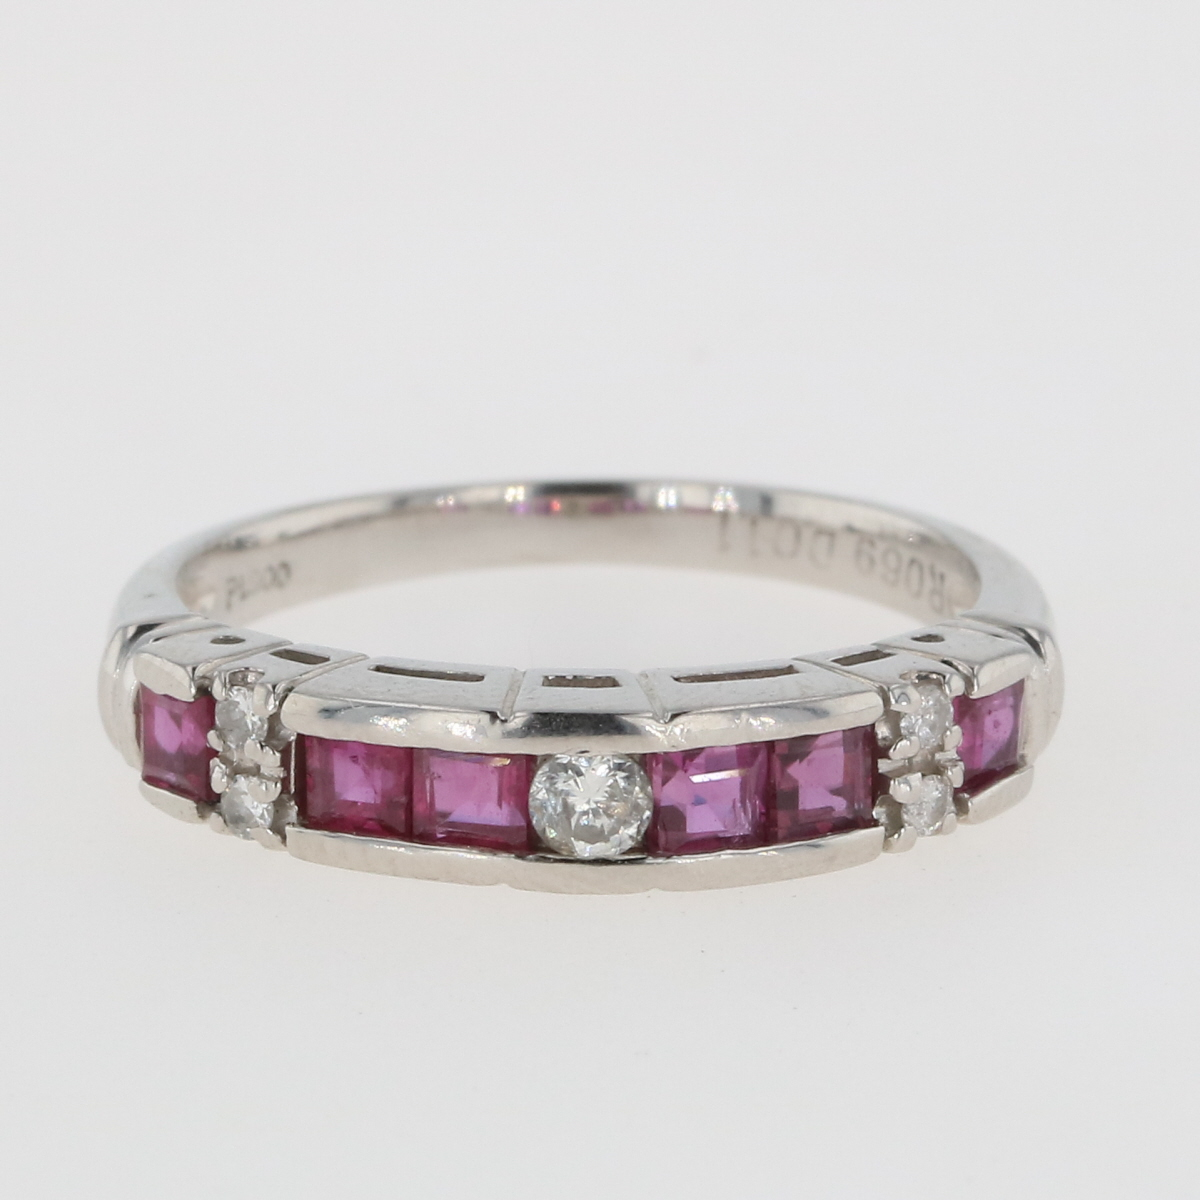 USED 送料無料 ルビー デザインリング プラチナ 指輪 メレダイヤ 12.5号 ダイヤモンド Pt900 お求めやすく価格改定 人気商品 リング レディース 中古